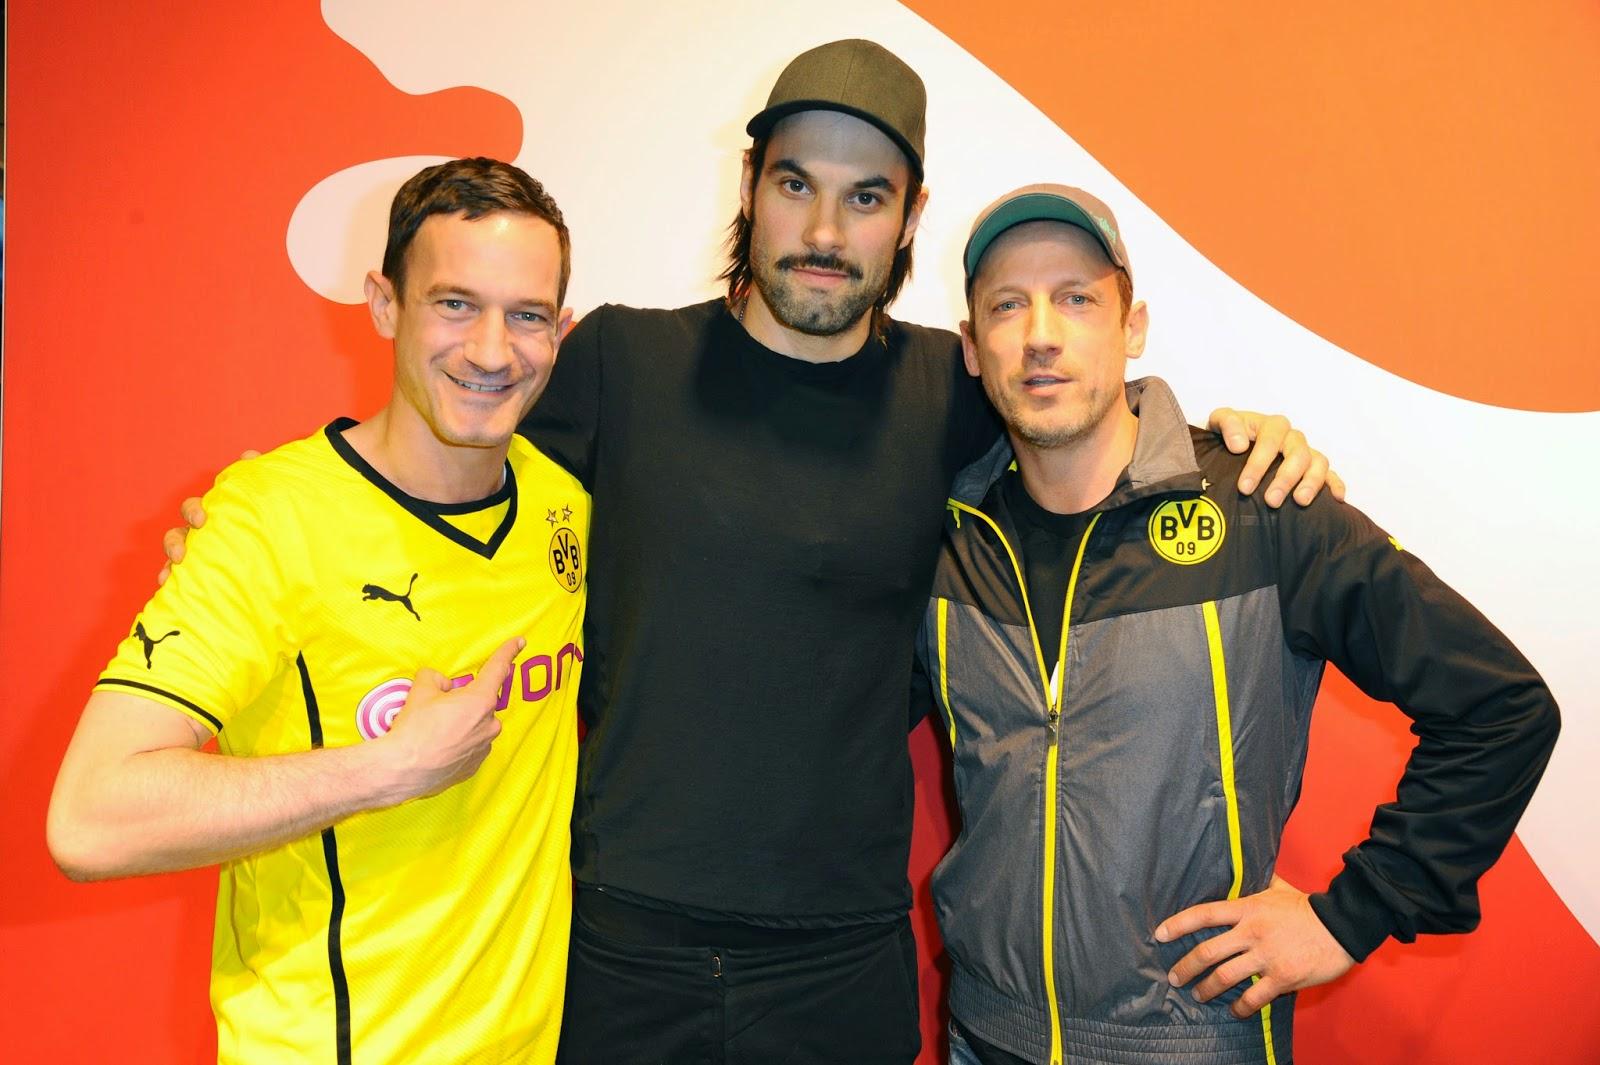 LAURUS-Fashiontipps: BVB Dortmund und seine prominenten Fans ...